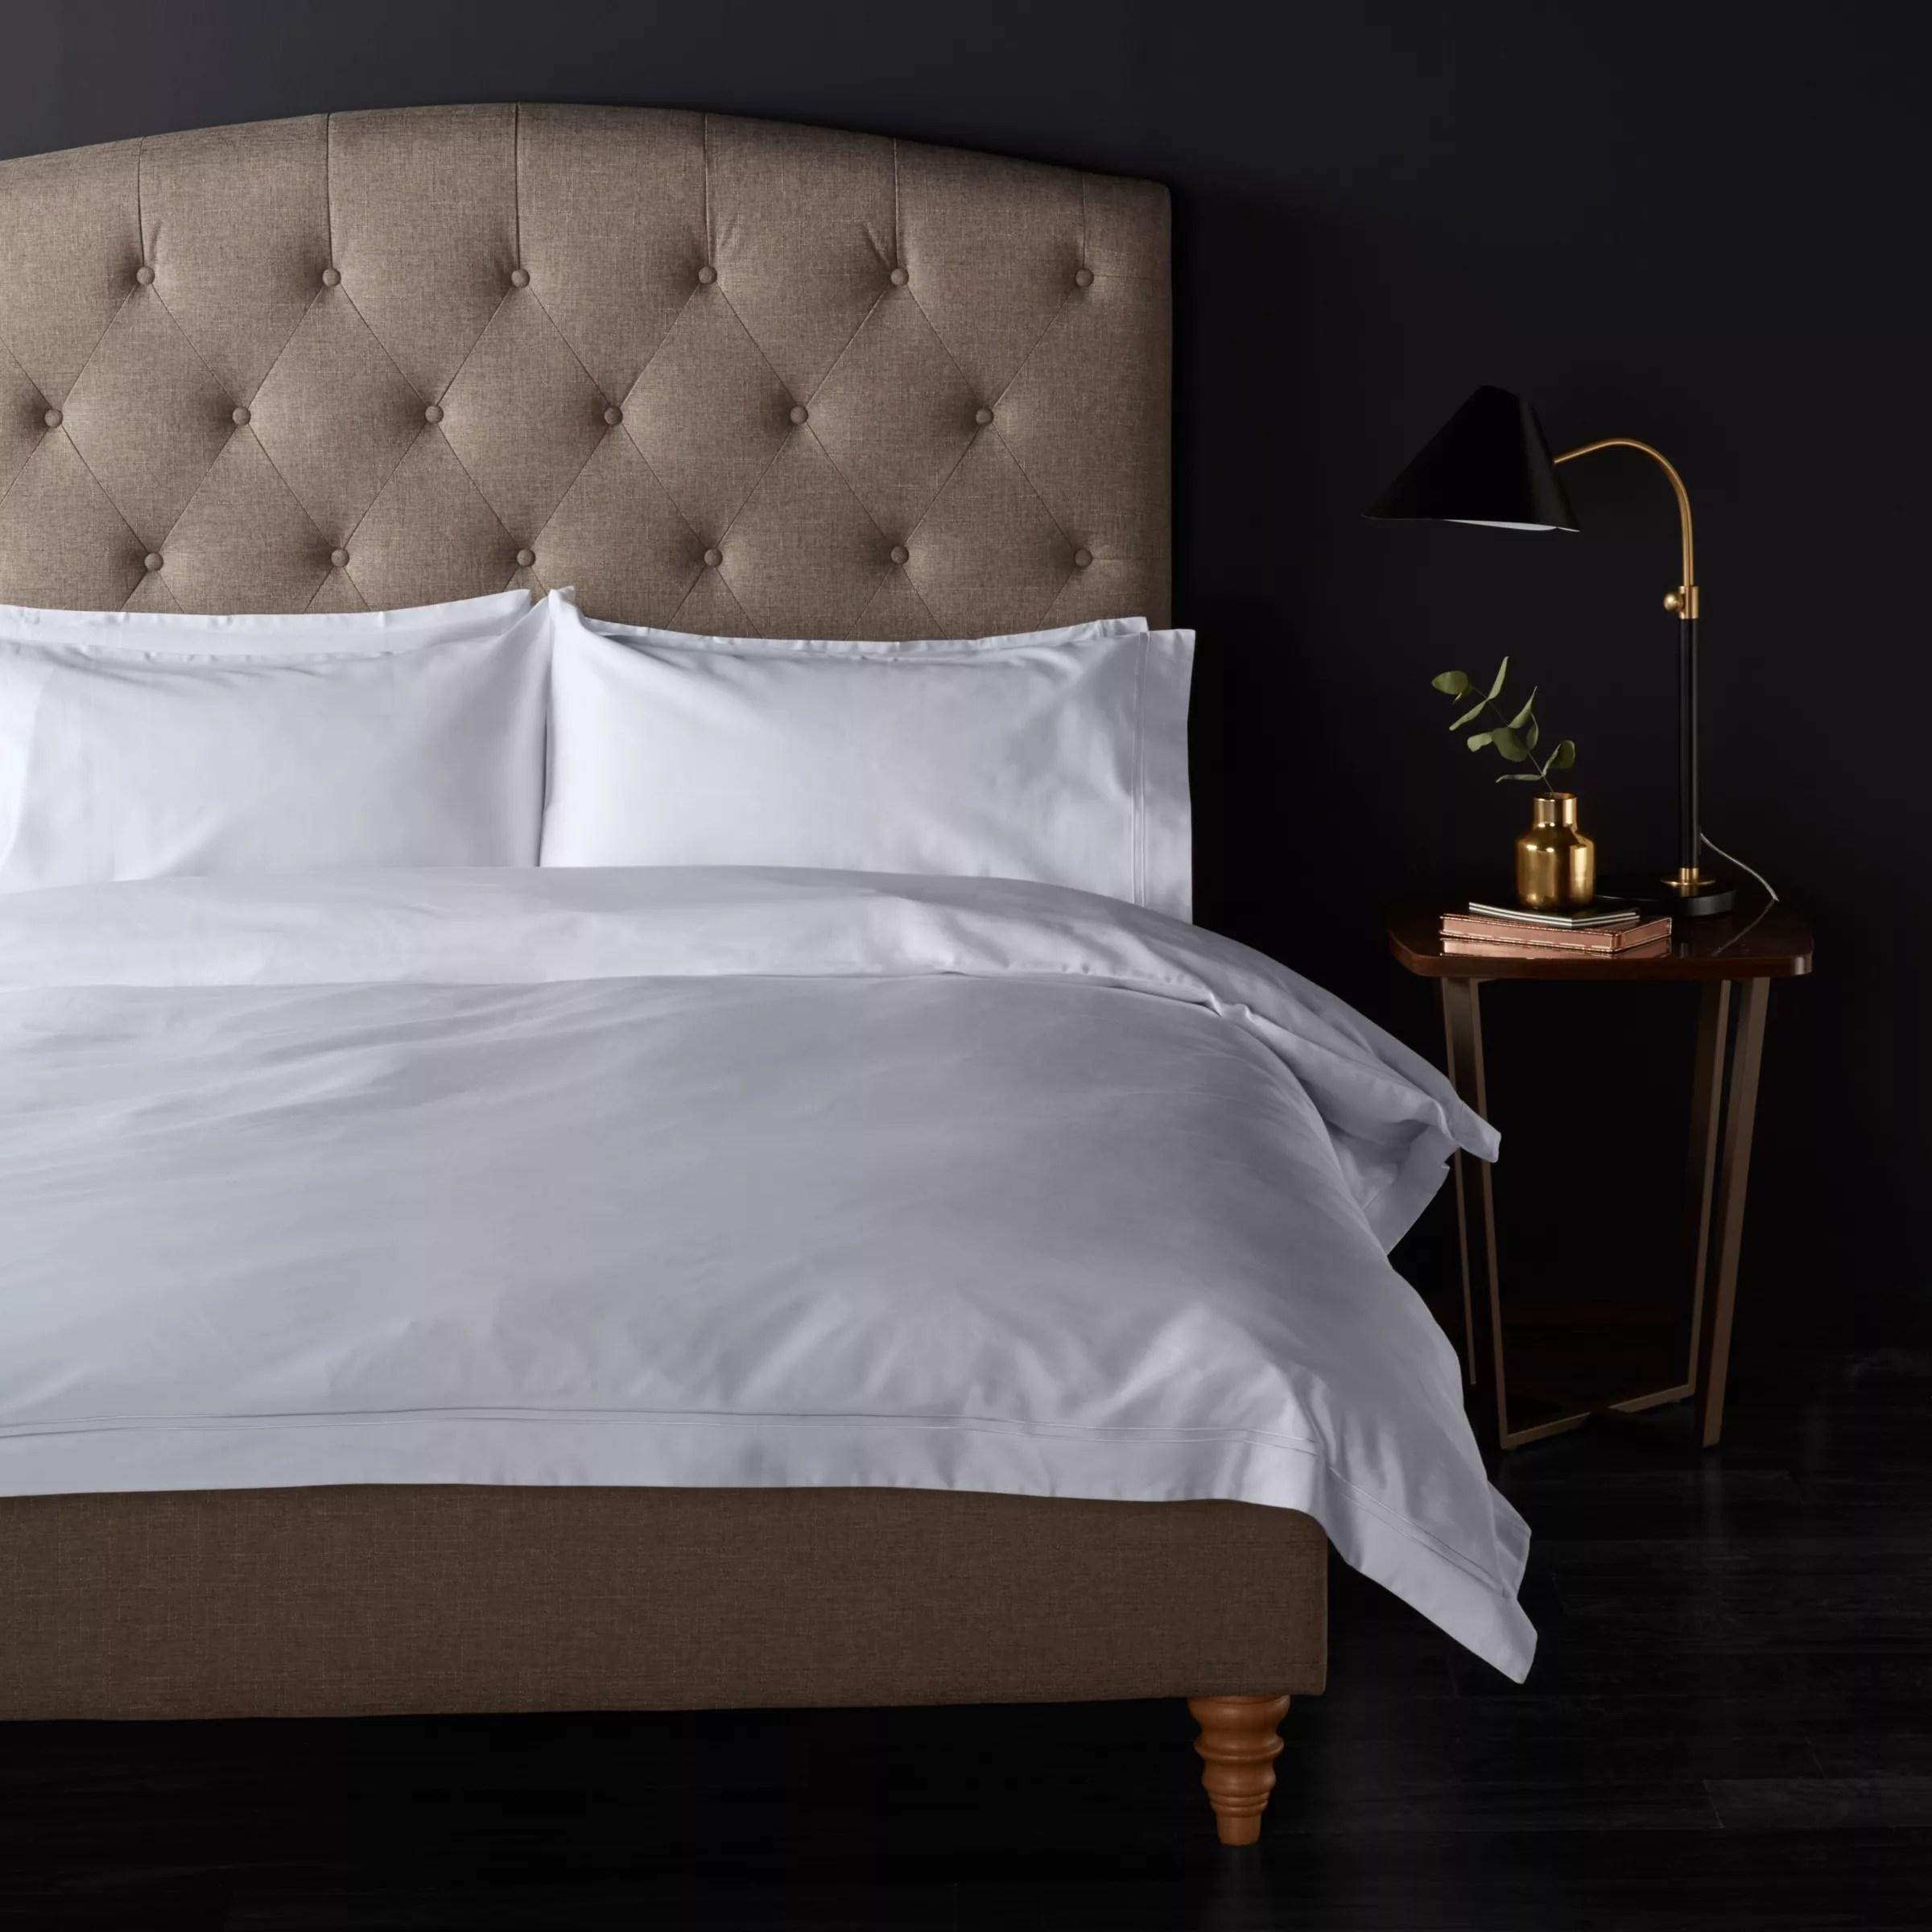 1000 thread count bed linen